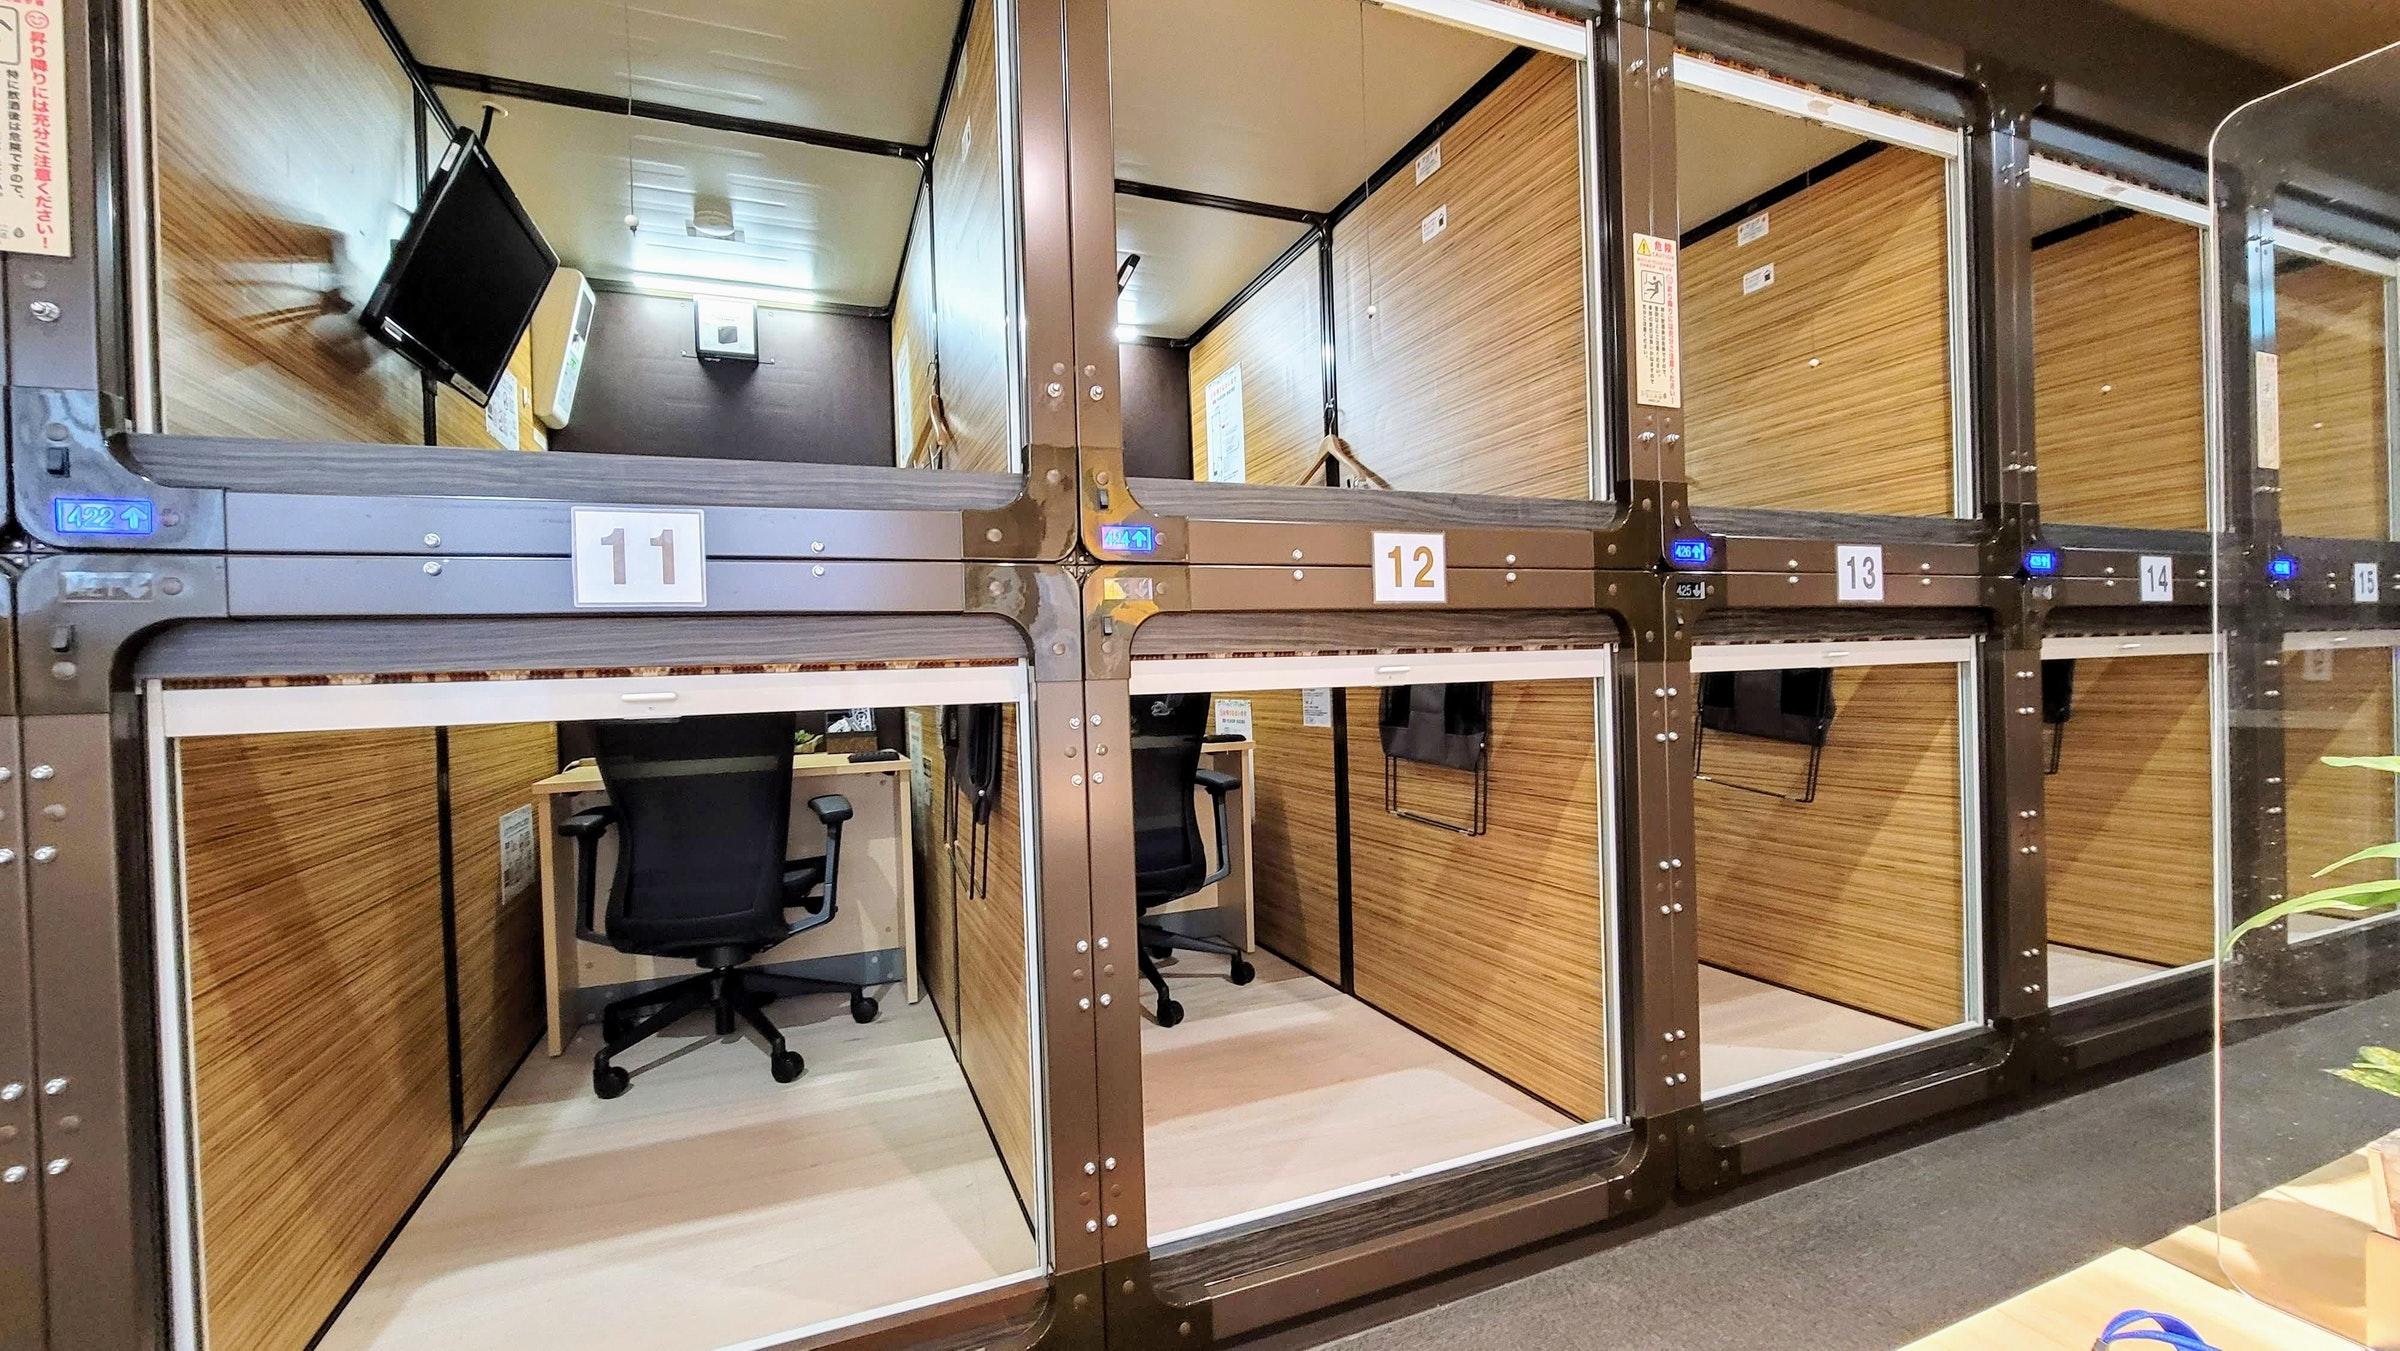 沒人光顧的膠囊旅館改建變成出租辦公室